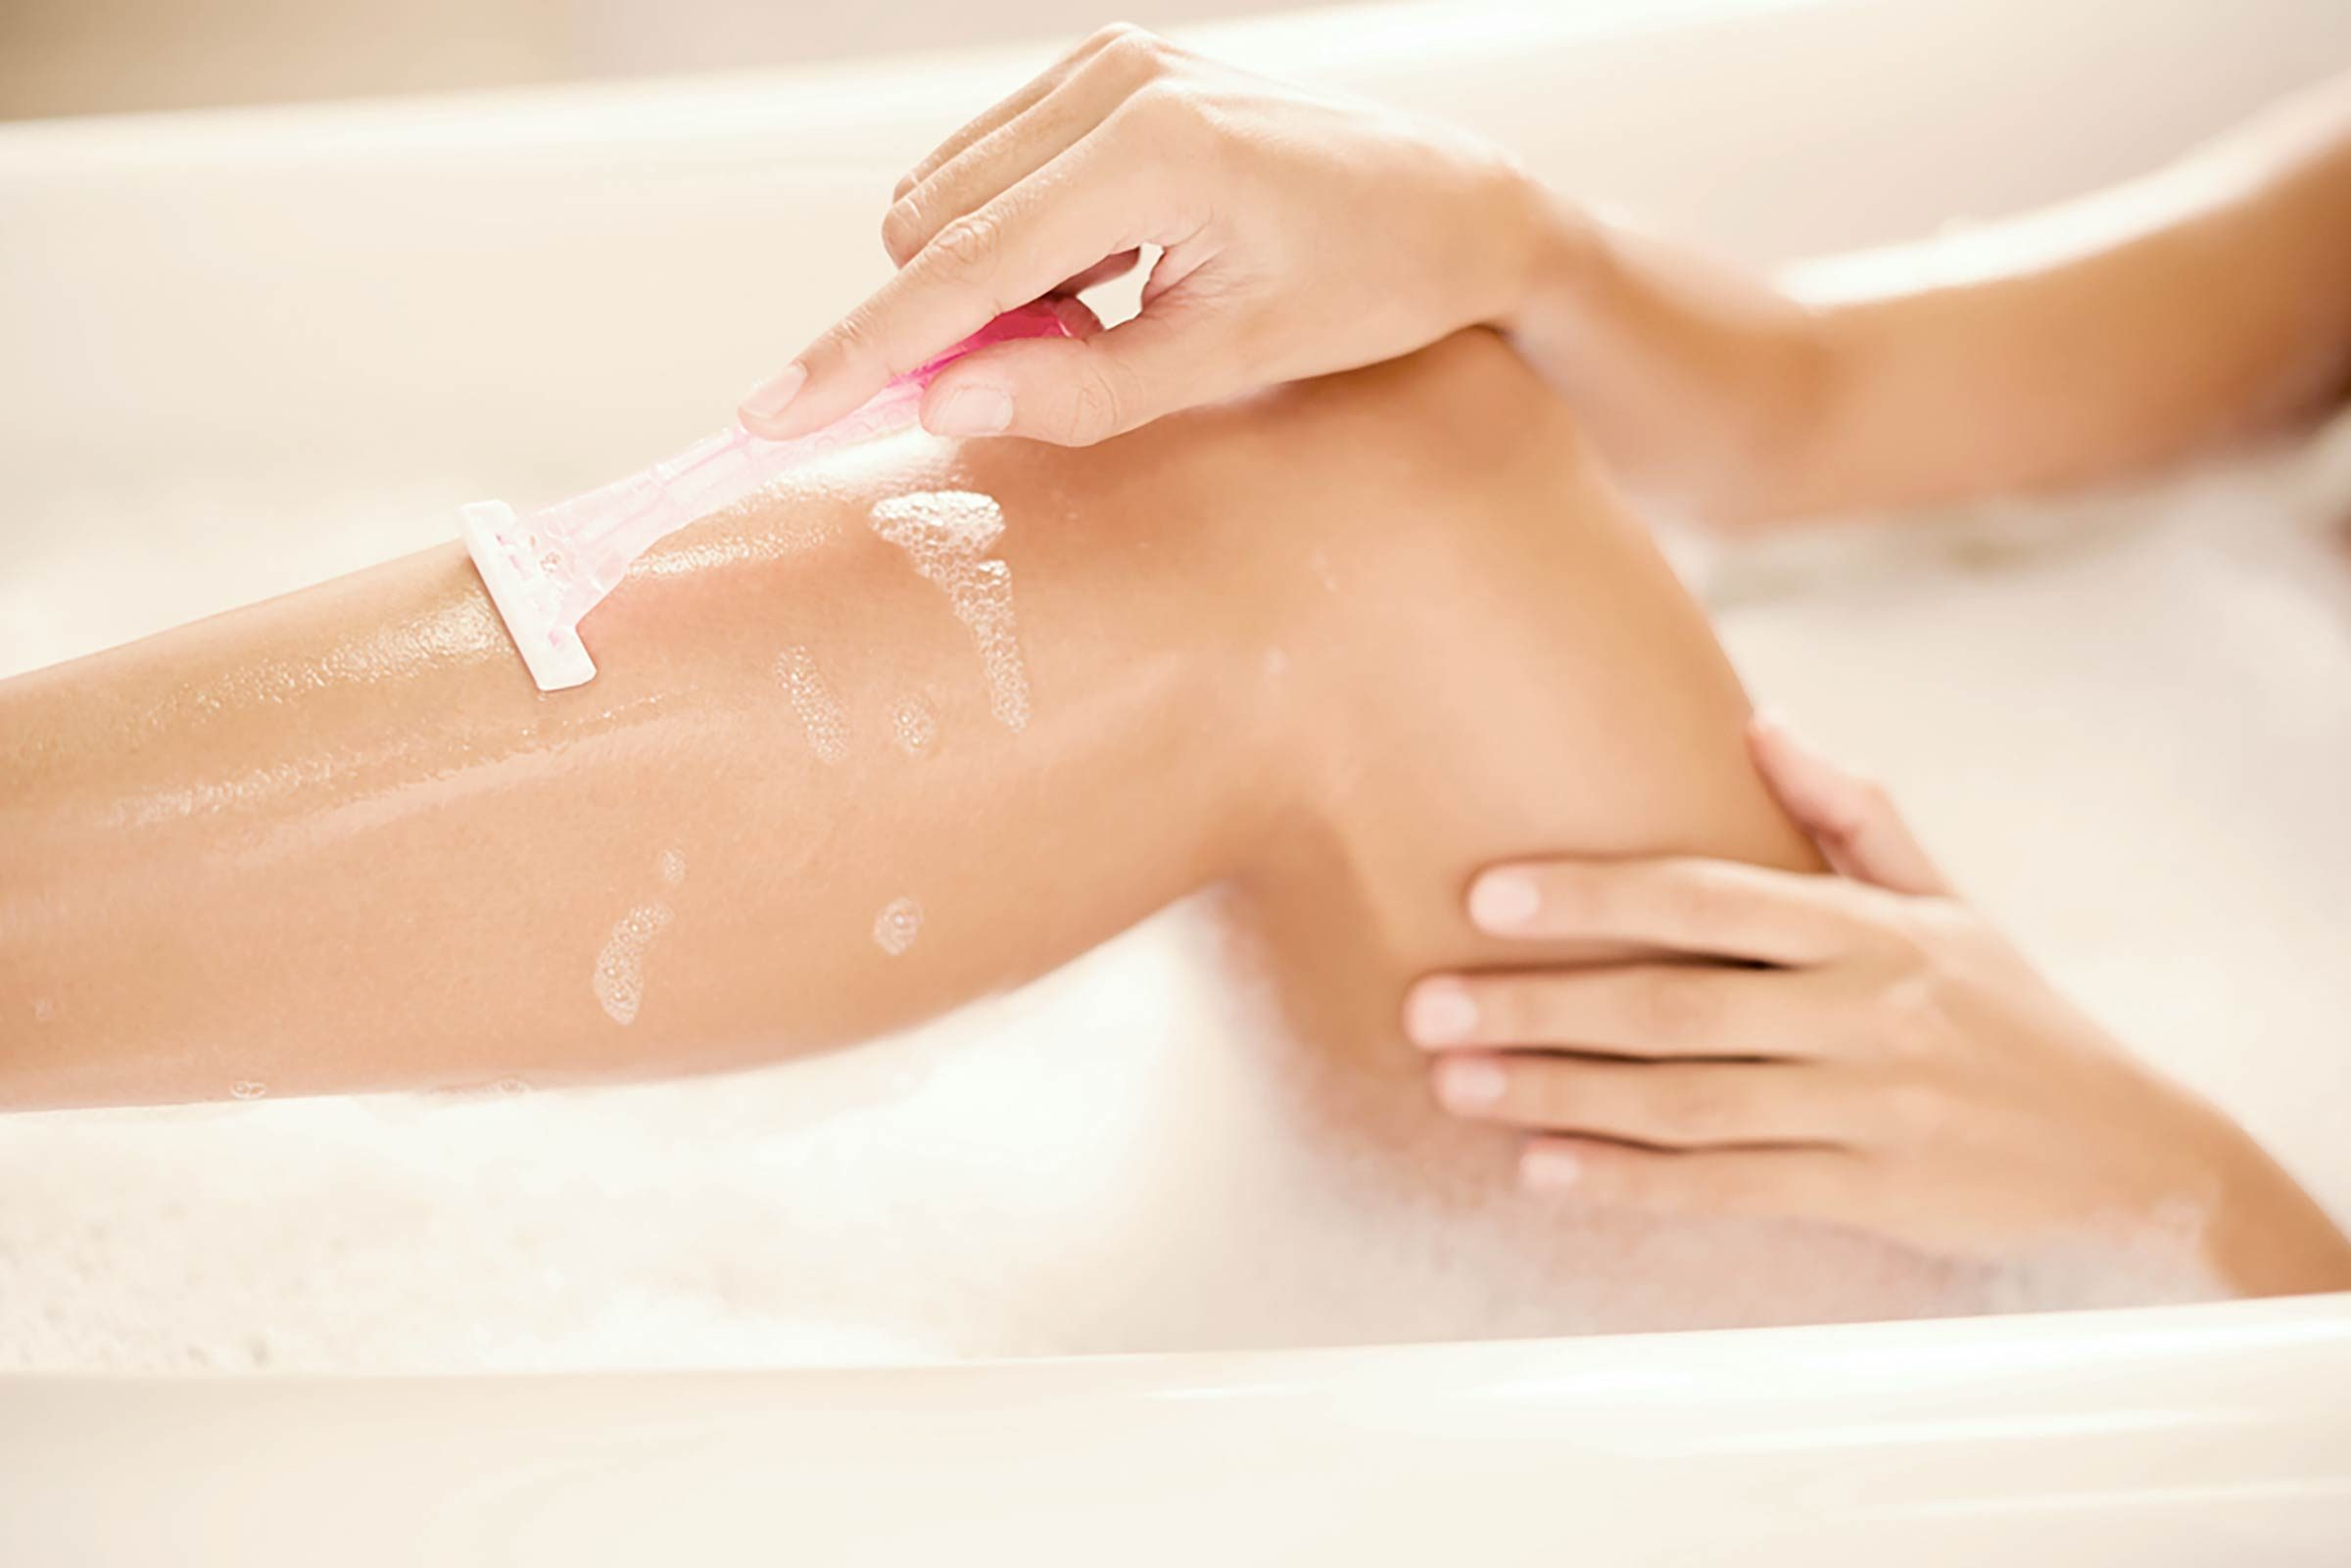 Beauté: Soigner l'irritation du rasoir avec du vinaigre de cidre